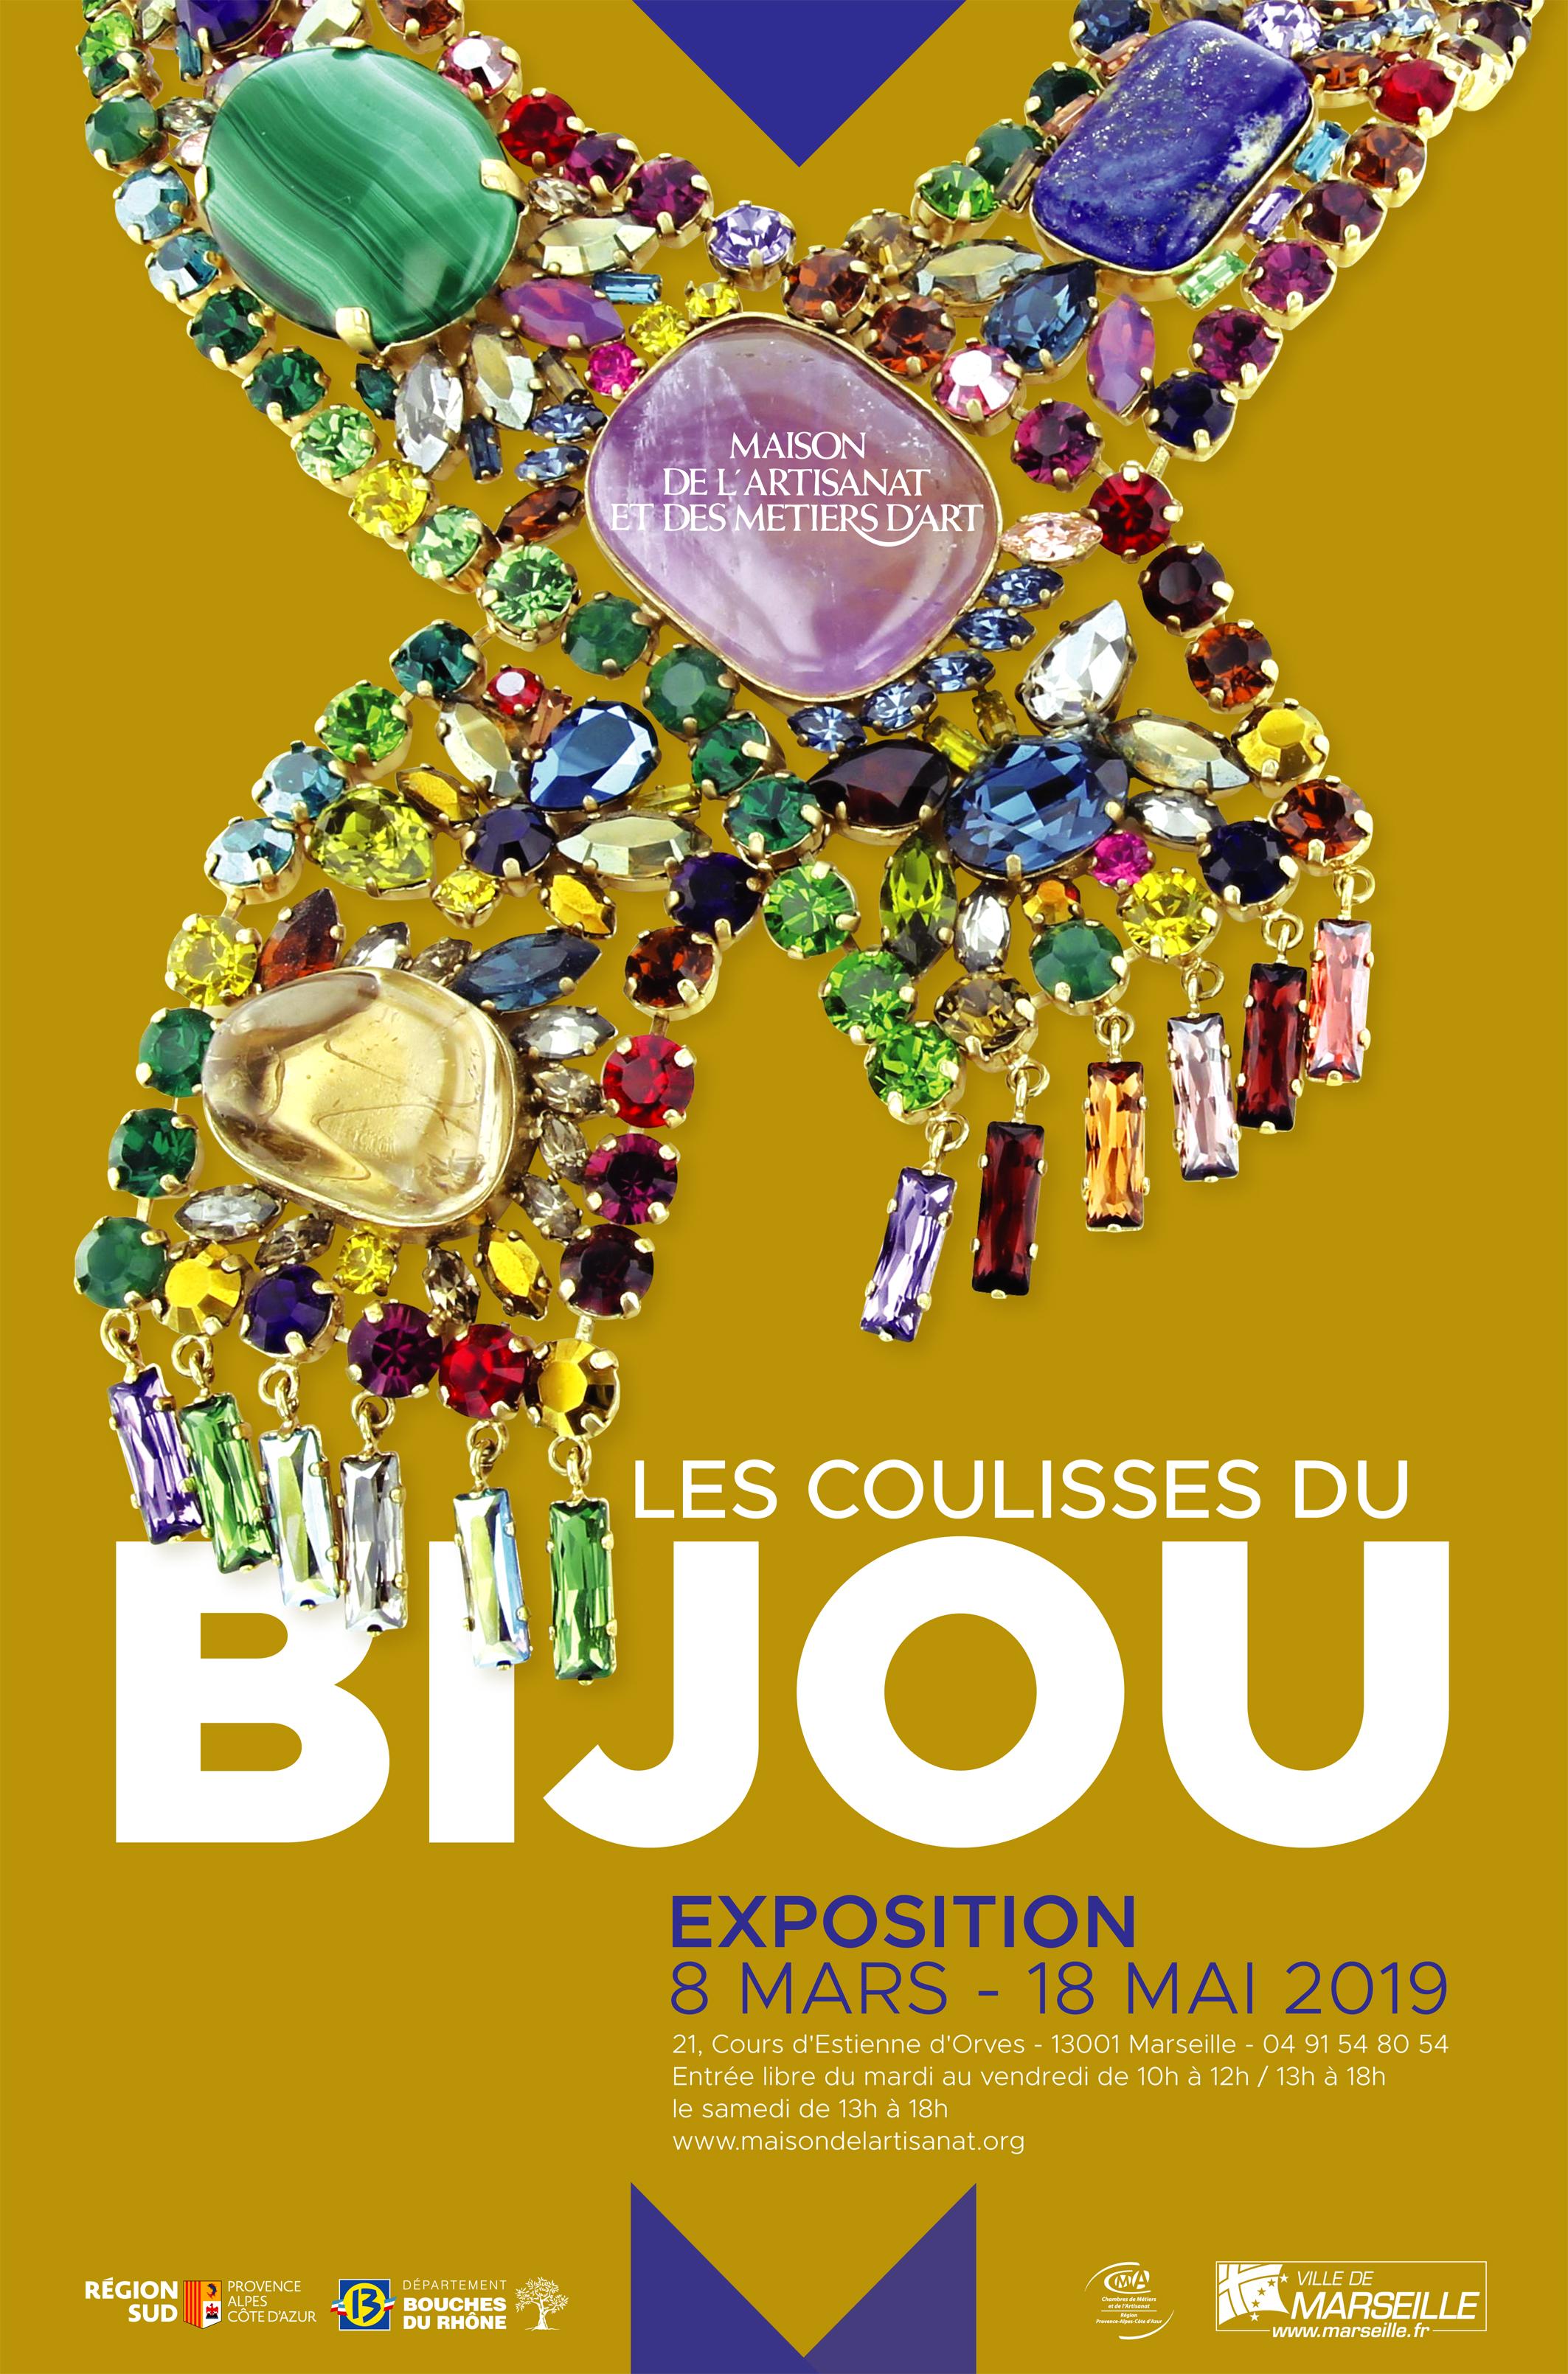 MAISON DE L'ARTISANAT : Exposition, Les coulisses du bijou - VOLT ...